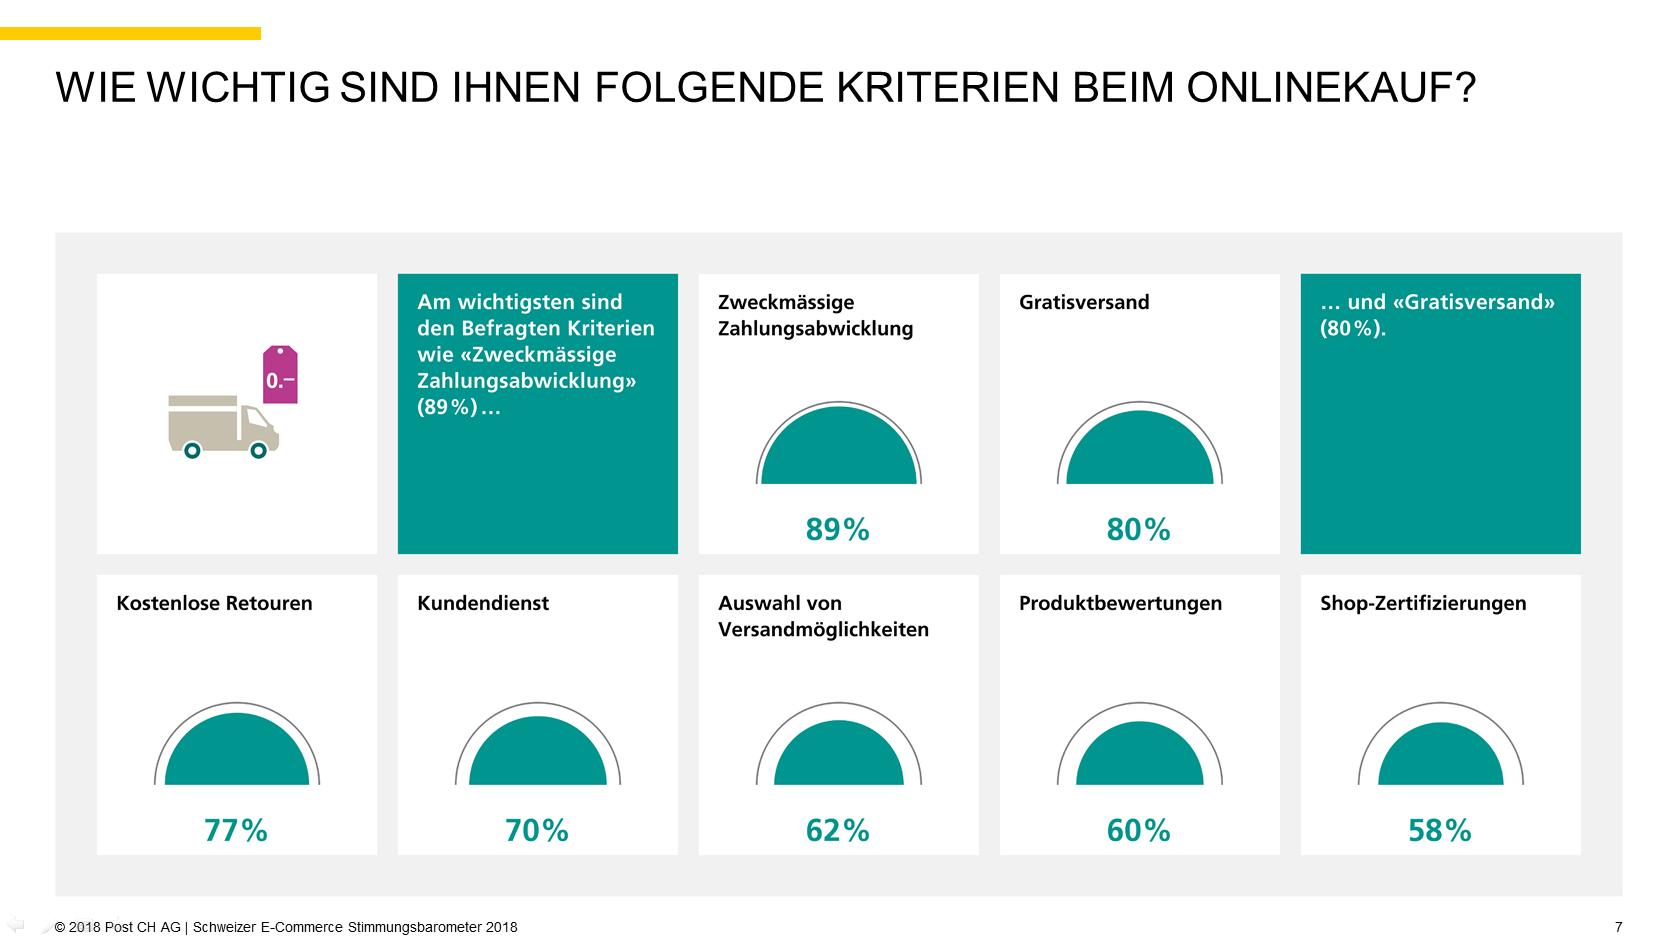 Quelle: 2018 Post CH AG | Schweizer E-Commerce Stimmungsbarometer 2018, S. 7